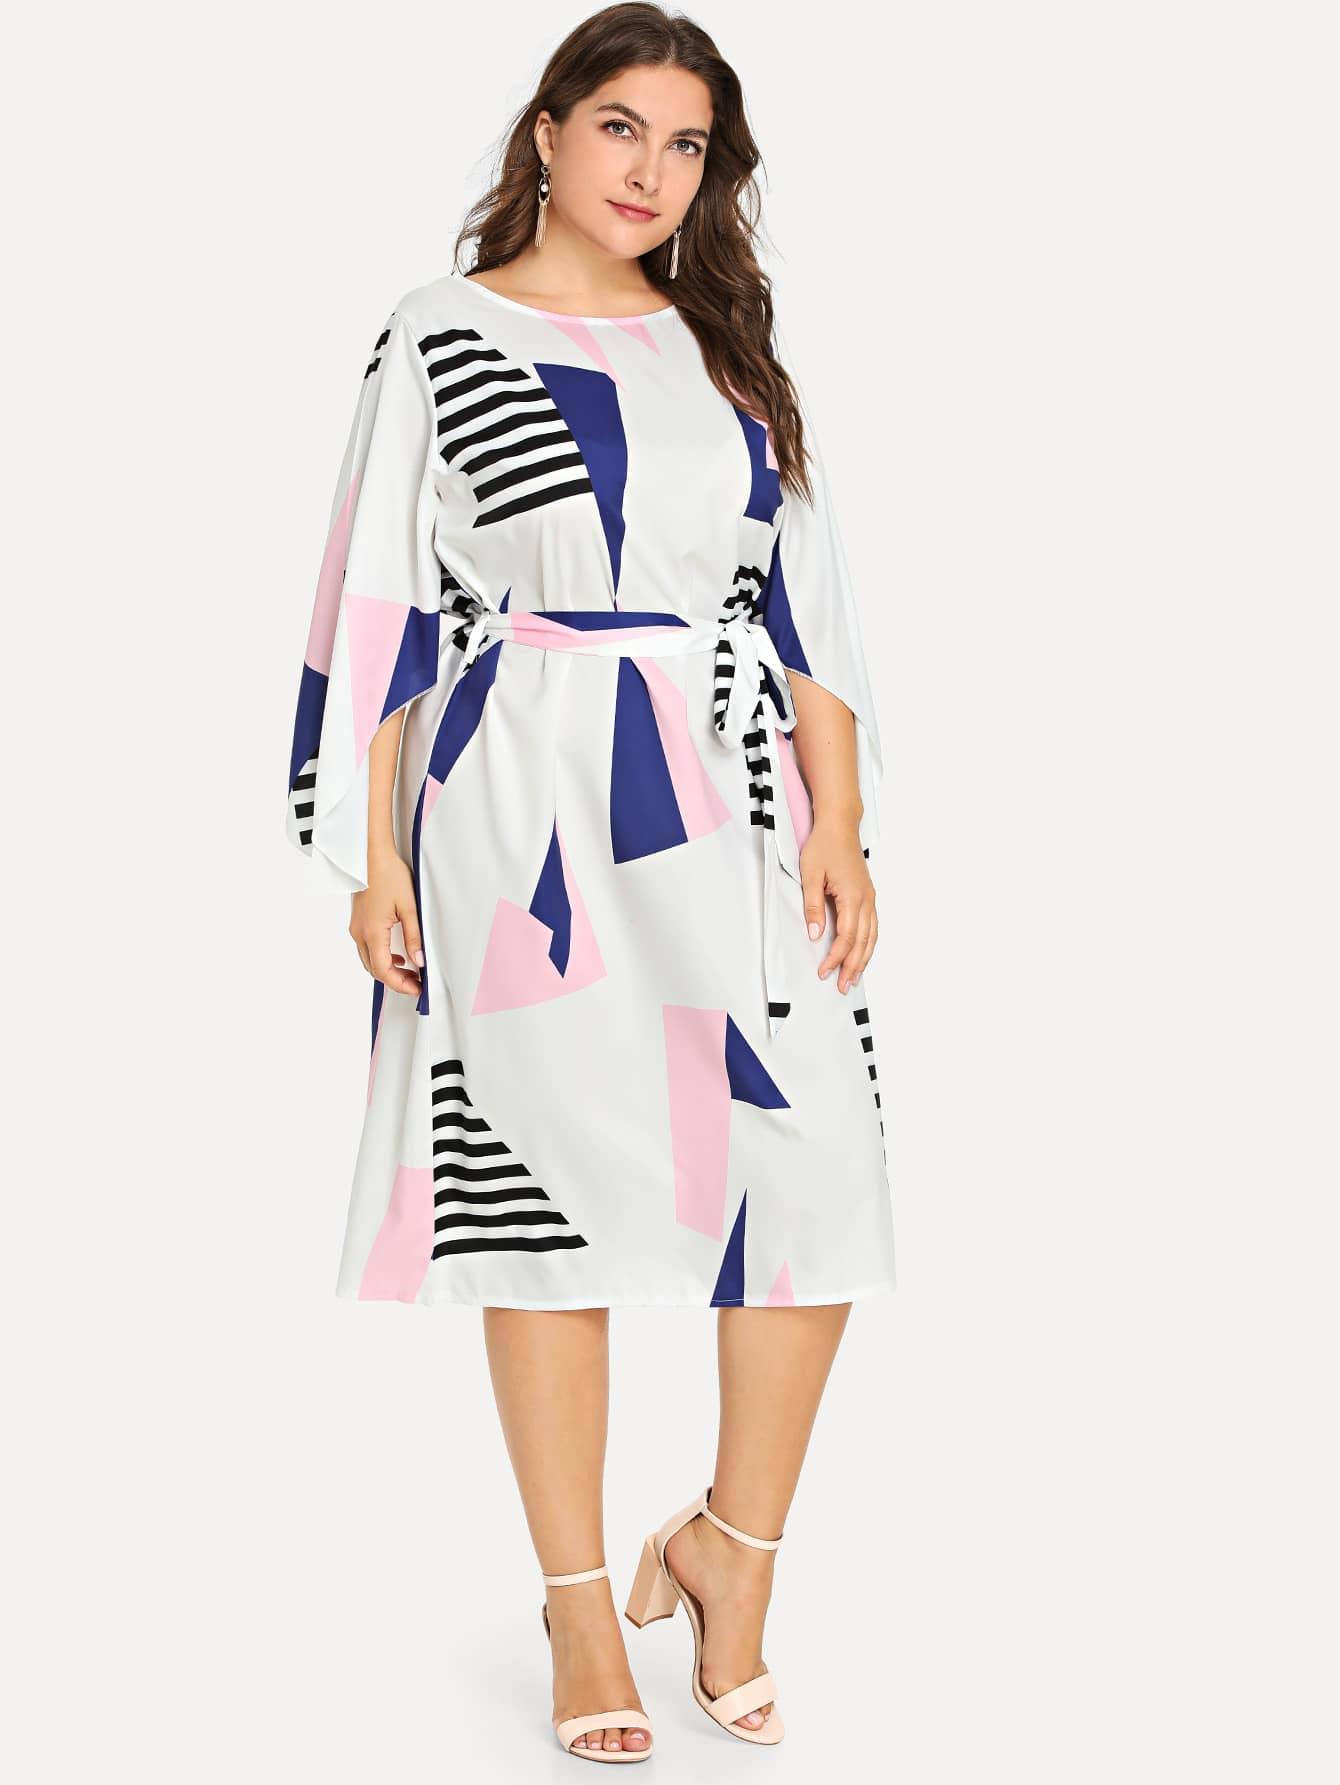 Купить Большое платье с рисунками геометрических фигур, Franziska, SheIn